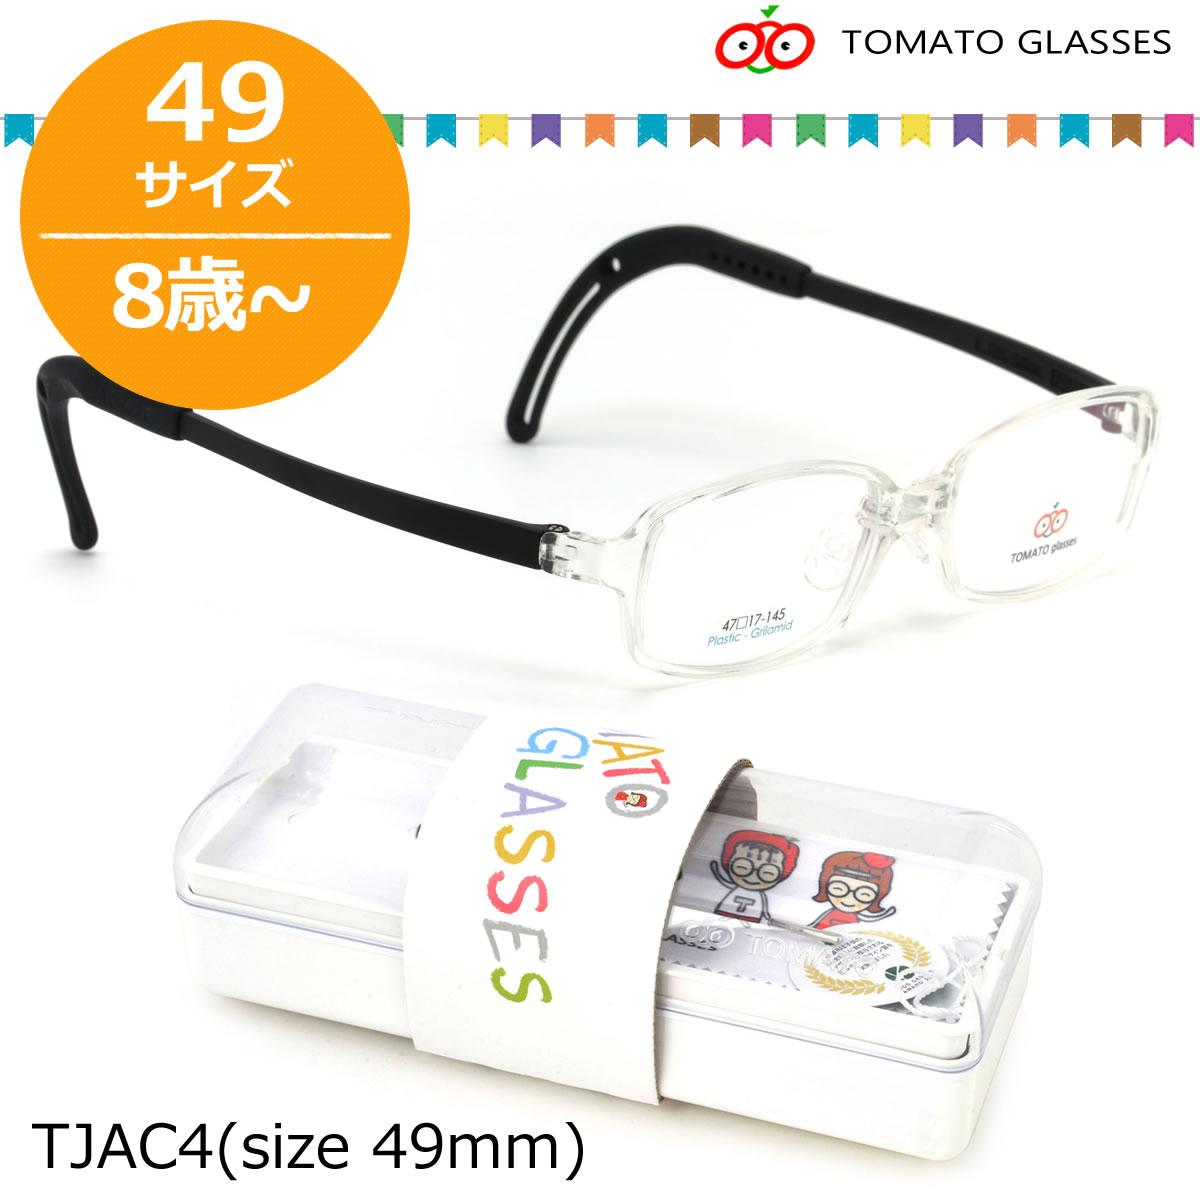 ポイント最大46倍お買い物マラソン8/4 20時スタート!!お得なクーポンも 【TOMATO GLASSES】(トマトグラッシーズ) キッズ用メガネ 度数付きレンズセット メガネ フレーム TJAC 4 49サイズ オシャレ おしゃれ おすすめ 可愛い 安全 安心 ジュニアA 軽量 柔らかい 8歳…